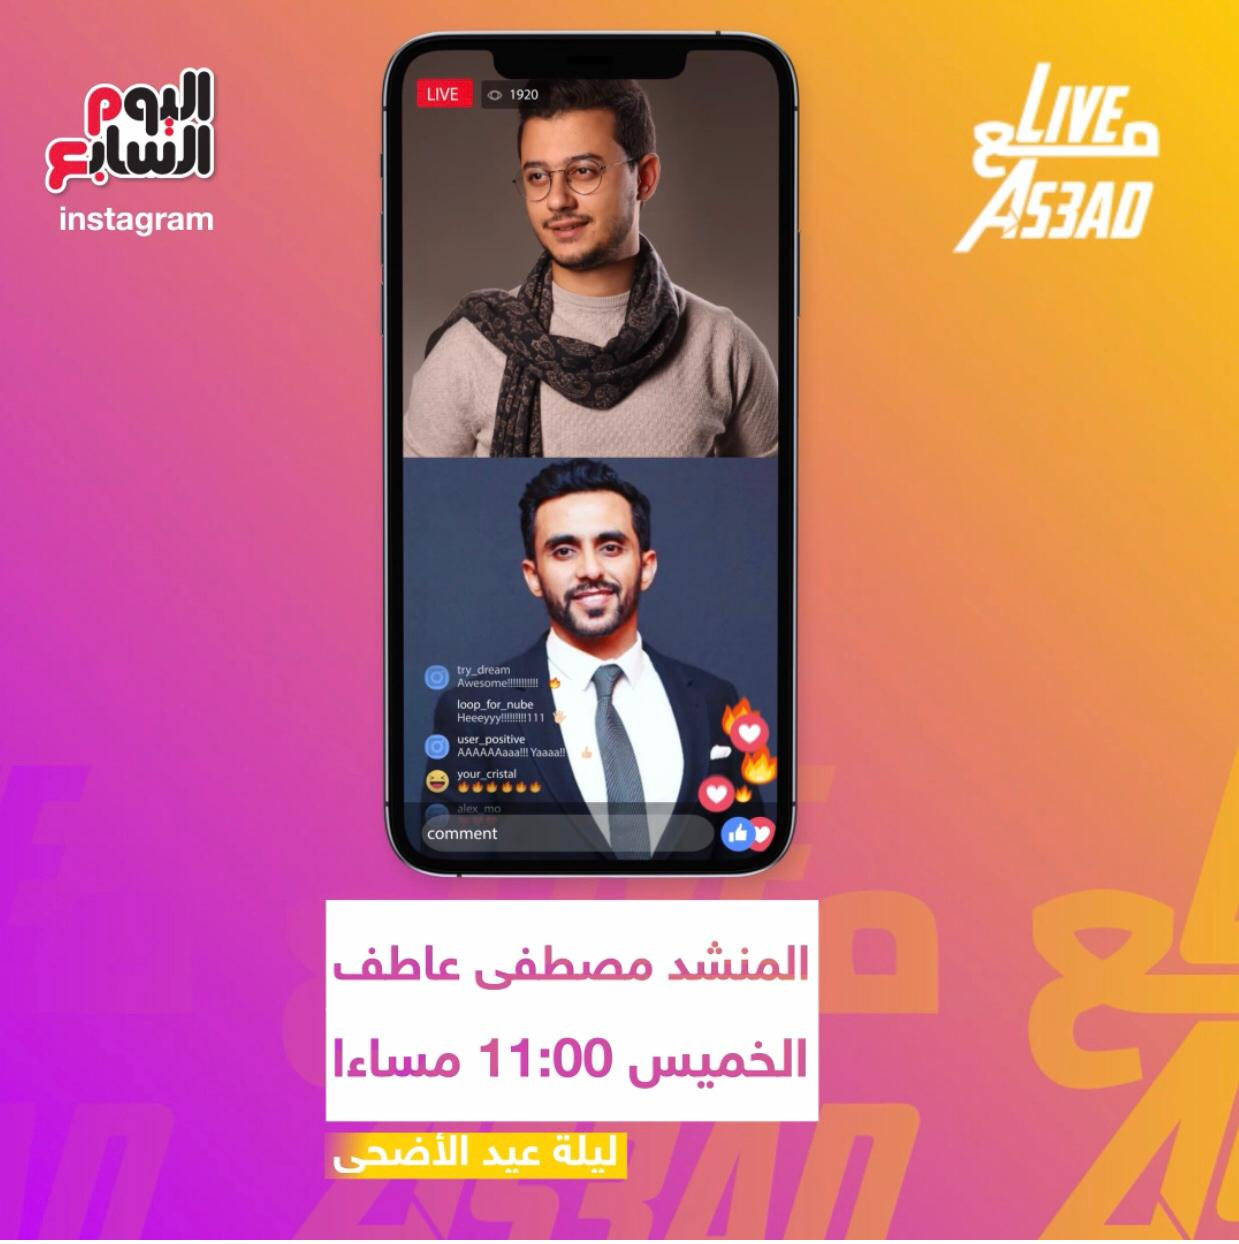 المنشد مصطفى عاطف والزميل محمد أسعد